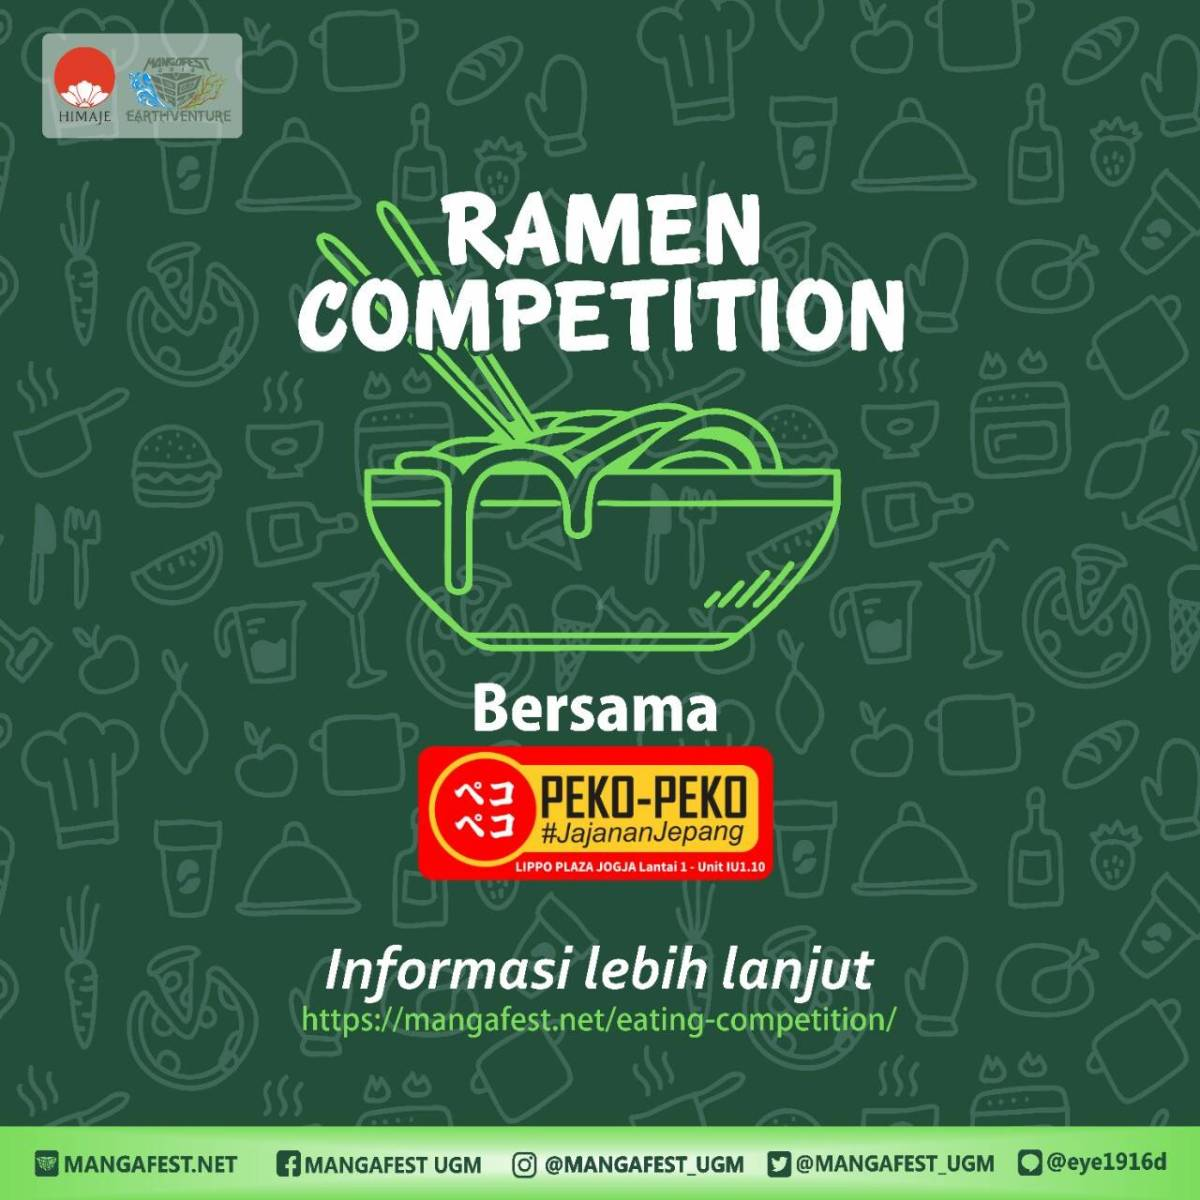 poster EC 2 (Ramen)